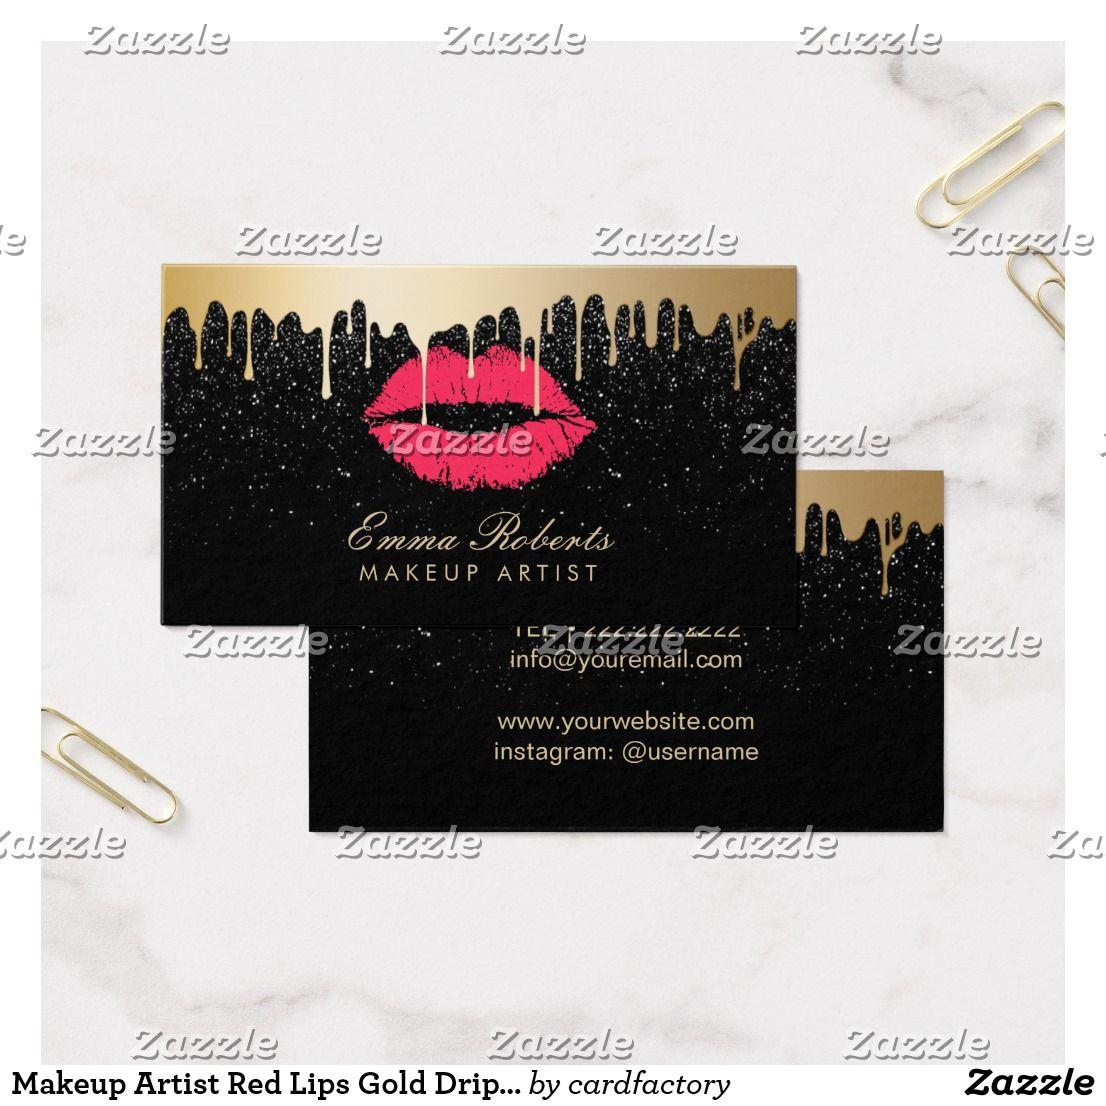 Makeup artist red lips gold drips modern black business card makeup artist red lips gold drips modern black business card reheart Image collections